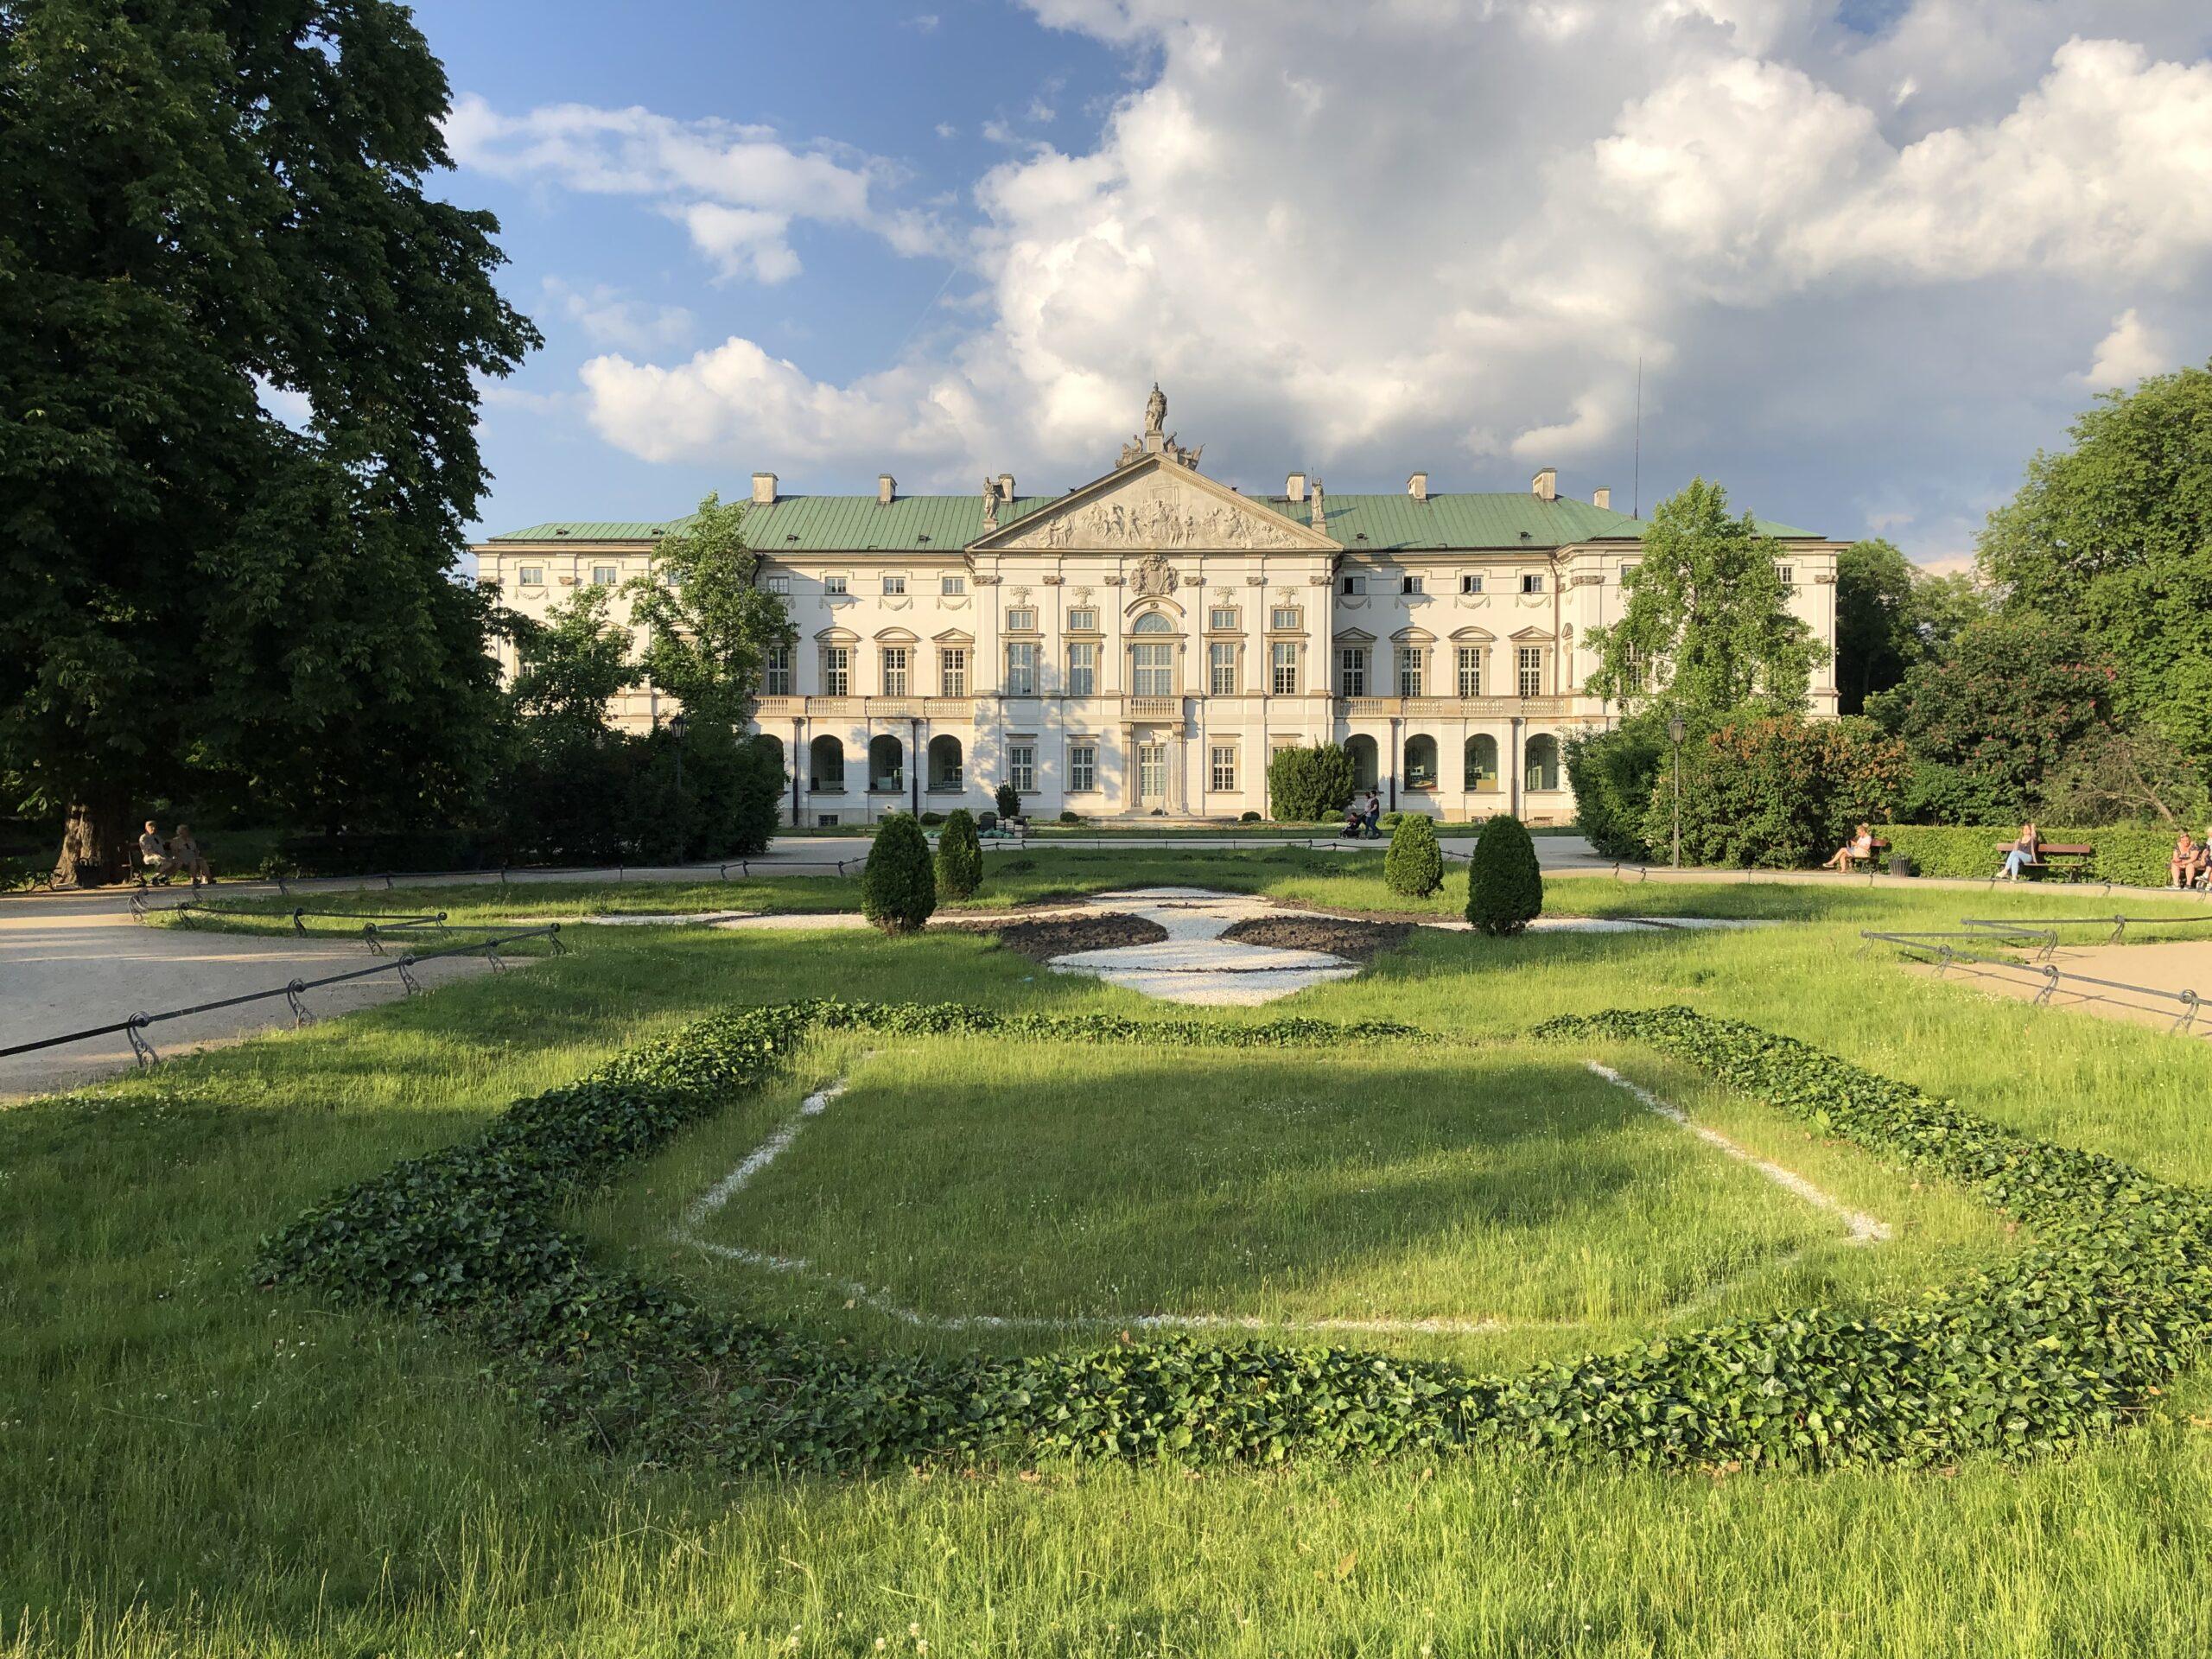 Pałac Krasińskich w Warszawie